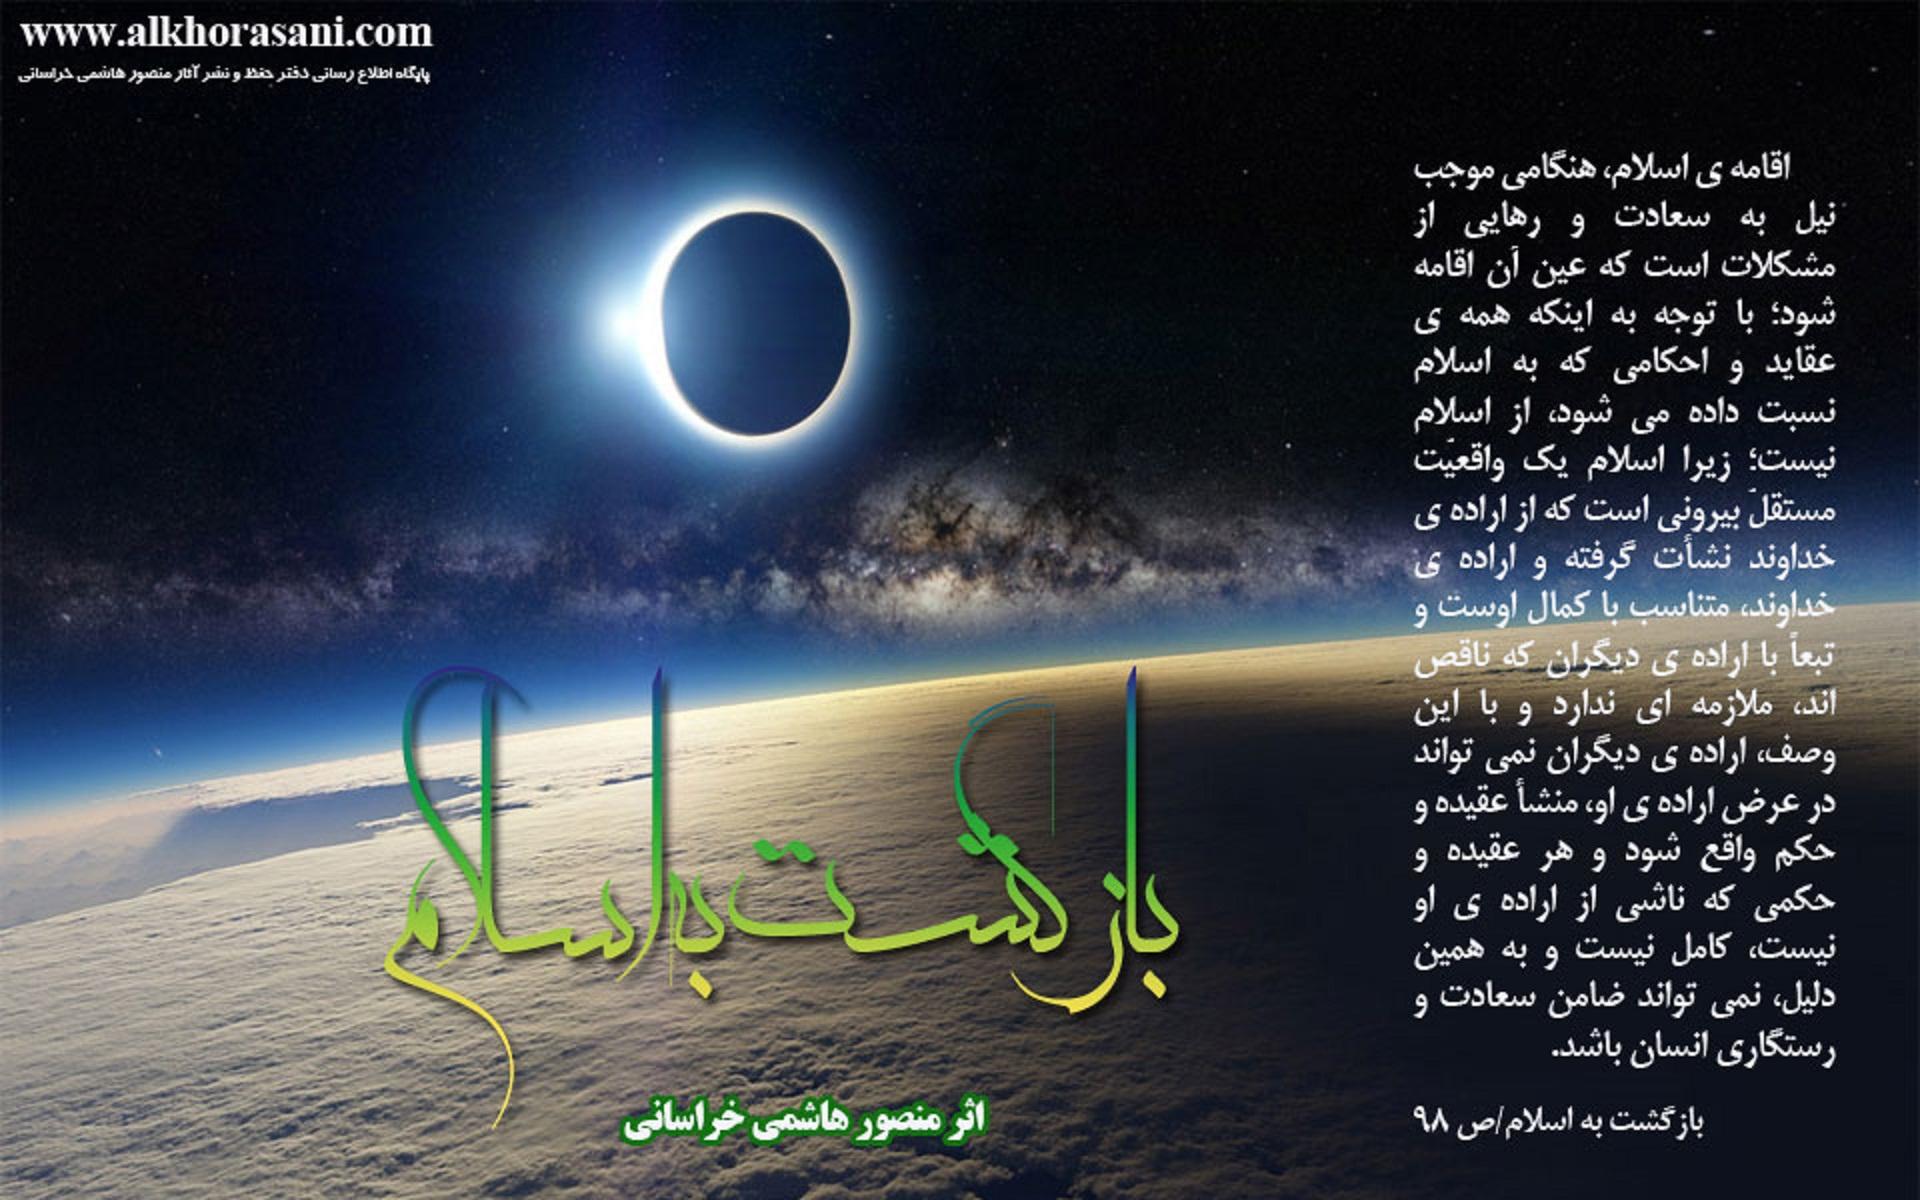 اقامه عین اسلام - بازگشت به اسلام